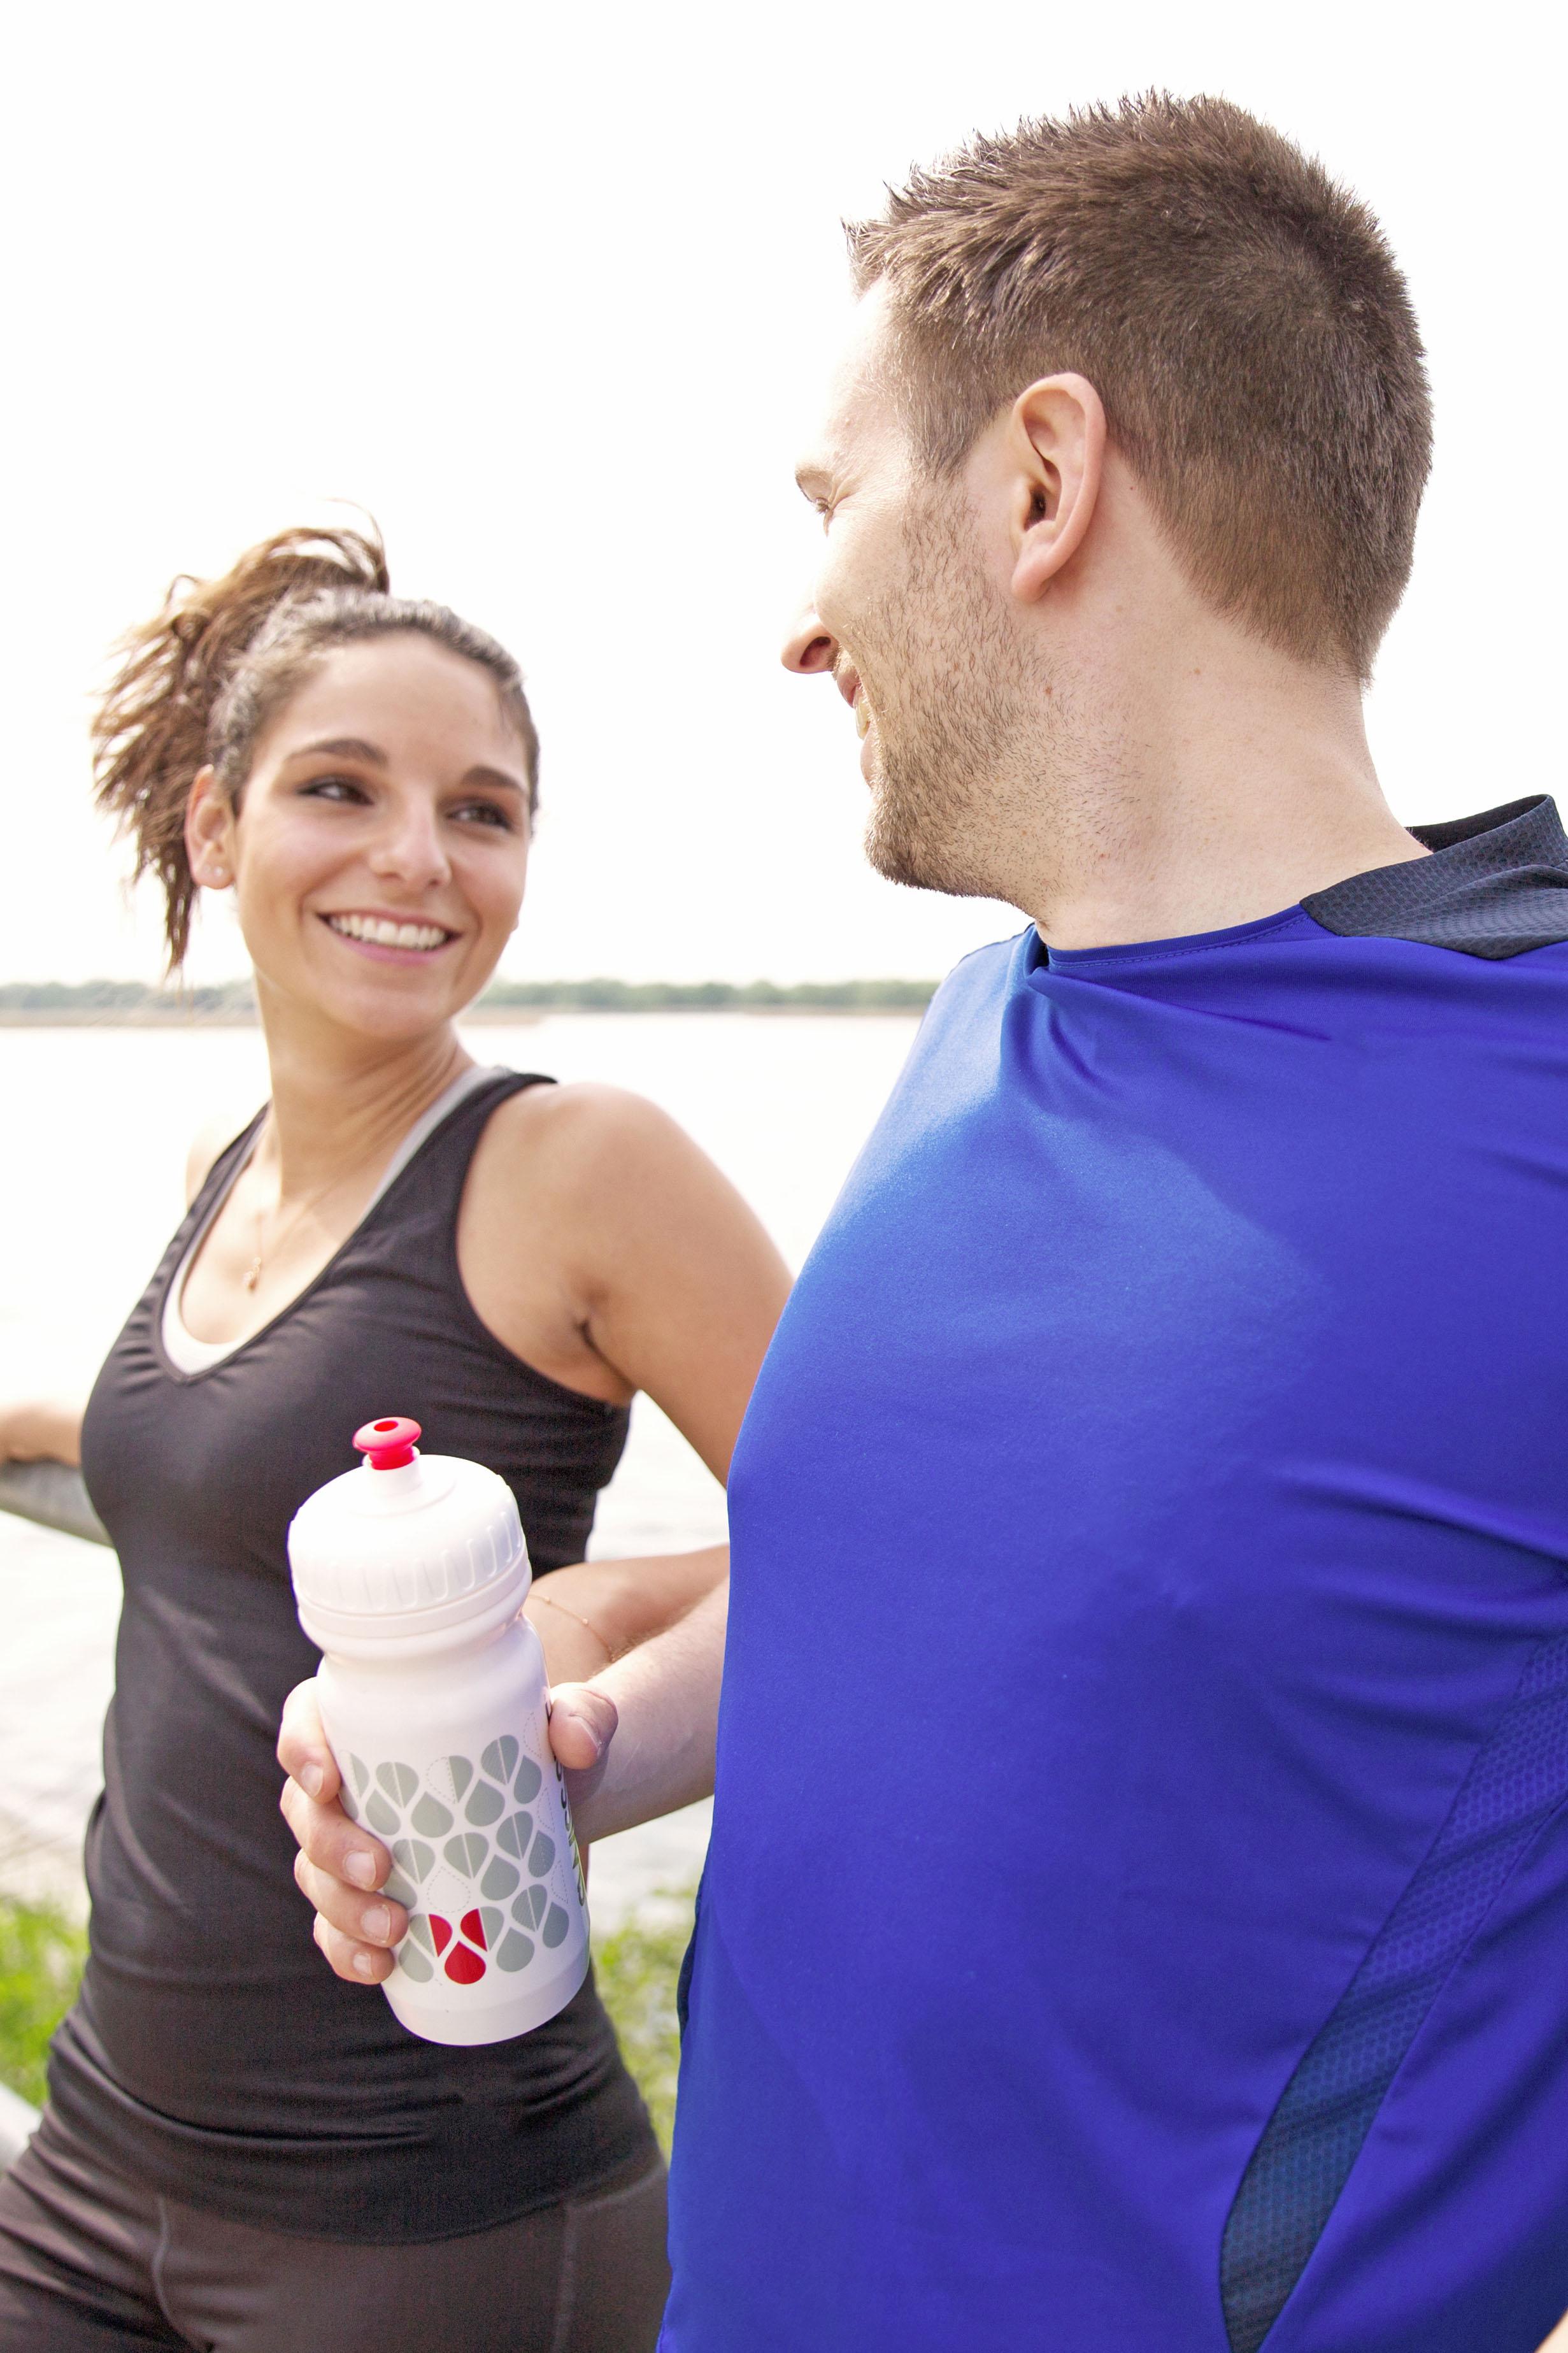 Bewegung an der frischen Luft kurbelt die Durchblutung und den Stoffwechsel an und sichert die Versorgung mit Vitamin D.